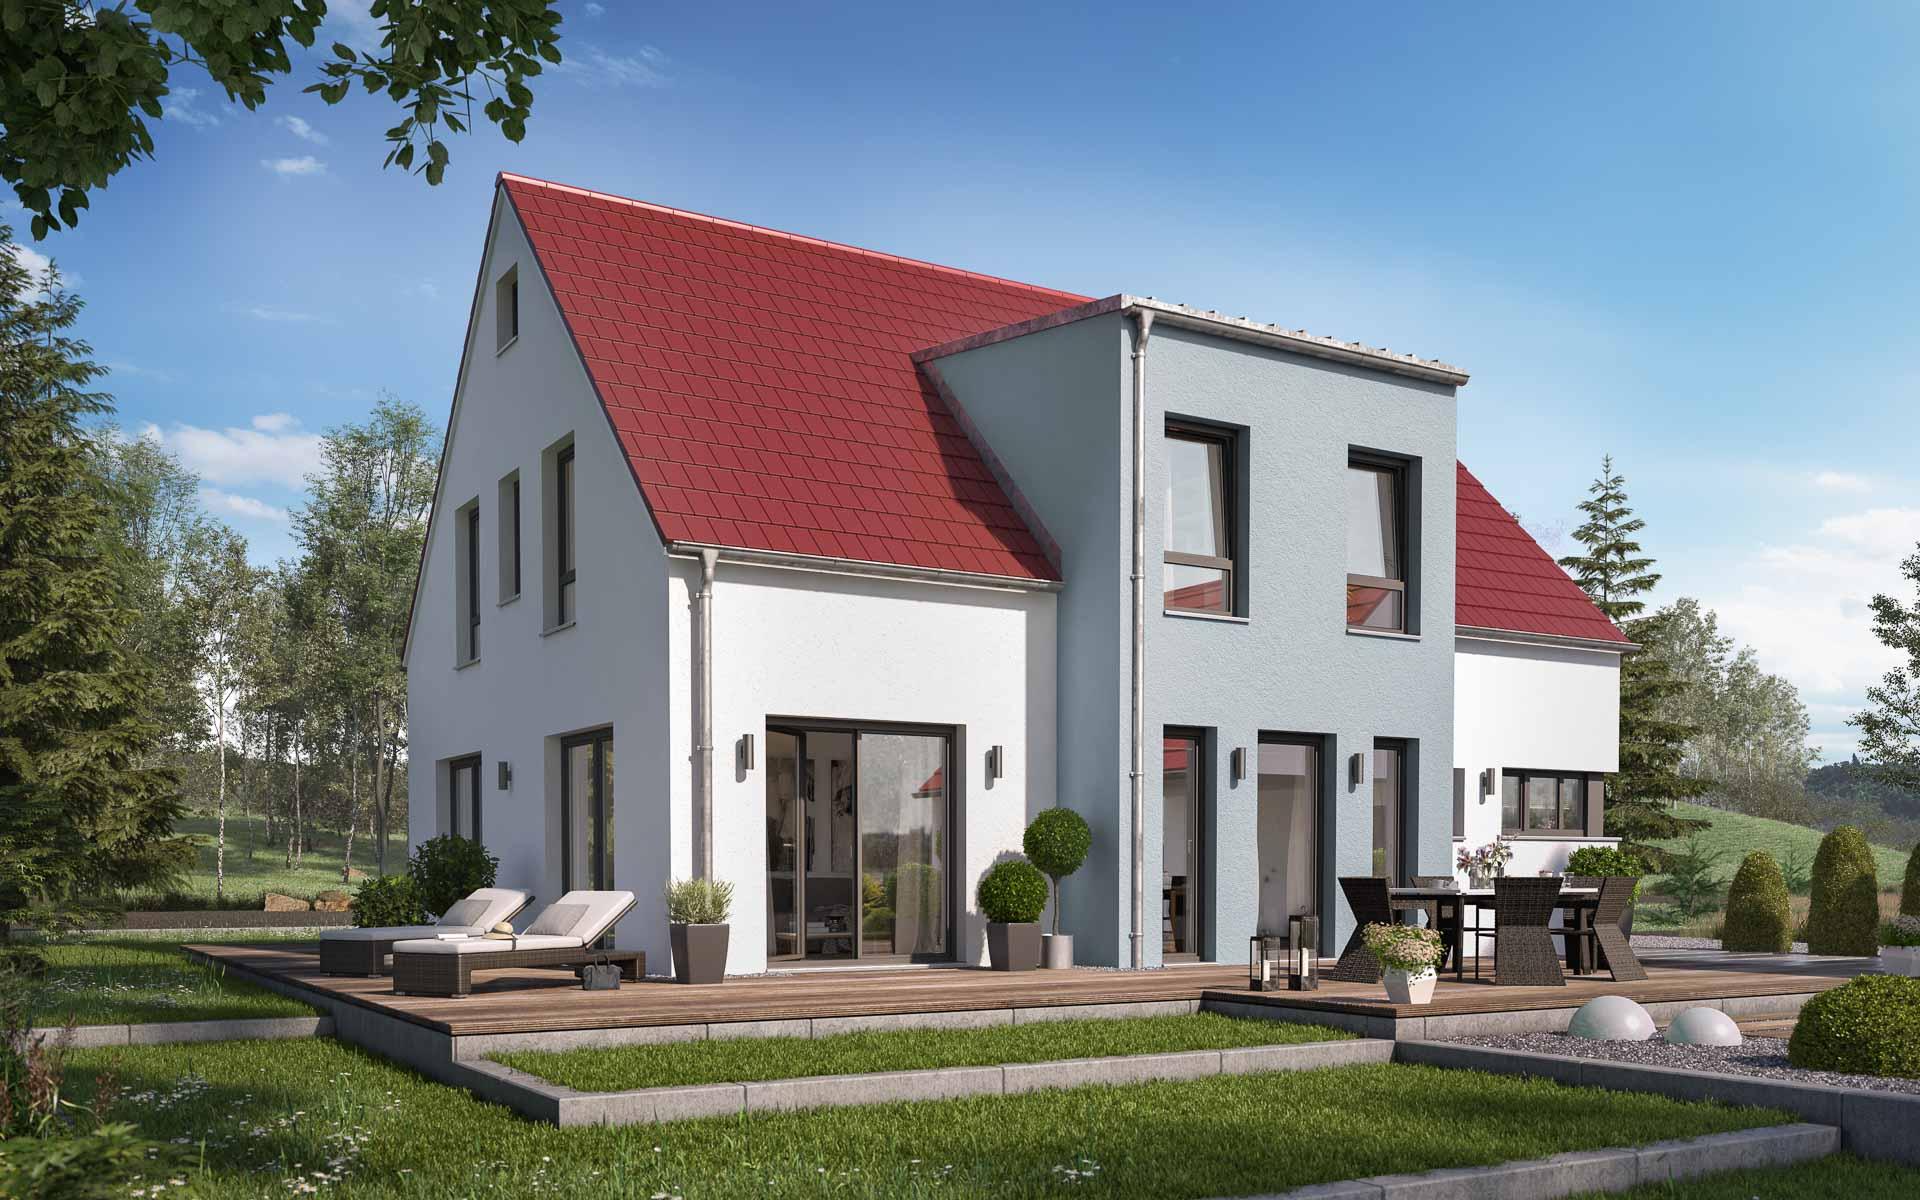 Extrem Klassisches Satteldach-Haus modern interpretiert   mkm traumhäuser AN86